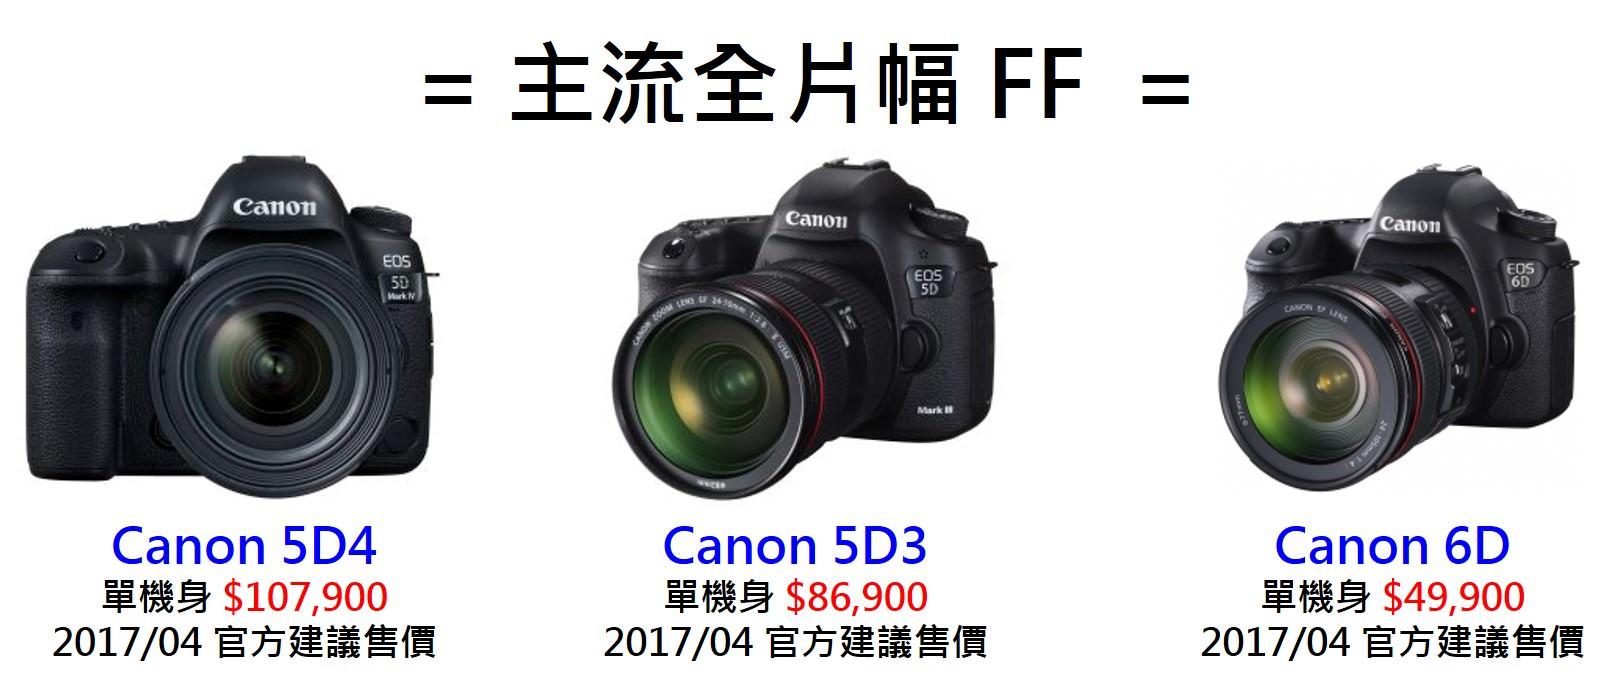 Canon 相機推薦 全系列機種比較整理 & 採購指南 , Canon 5D4 至 EOS M6 全比較